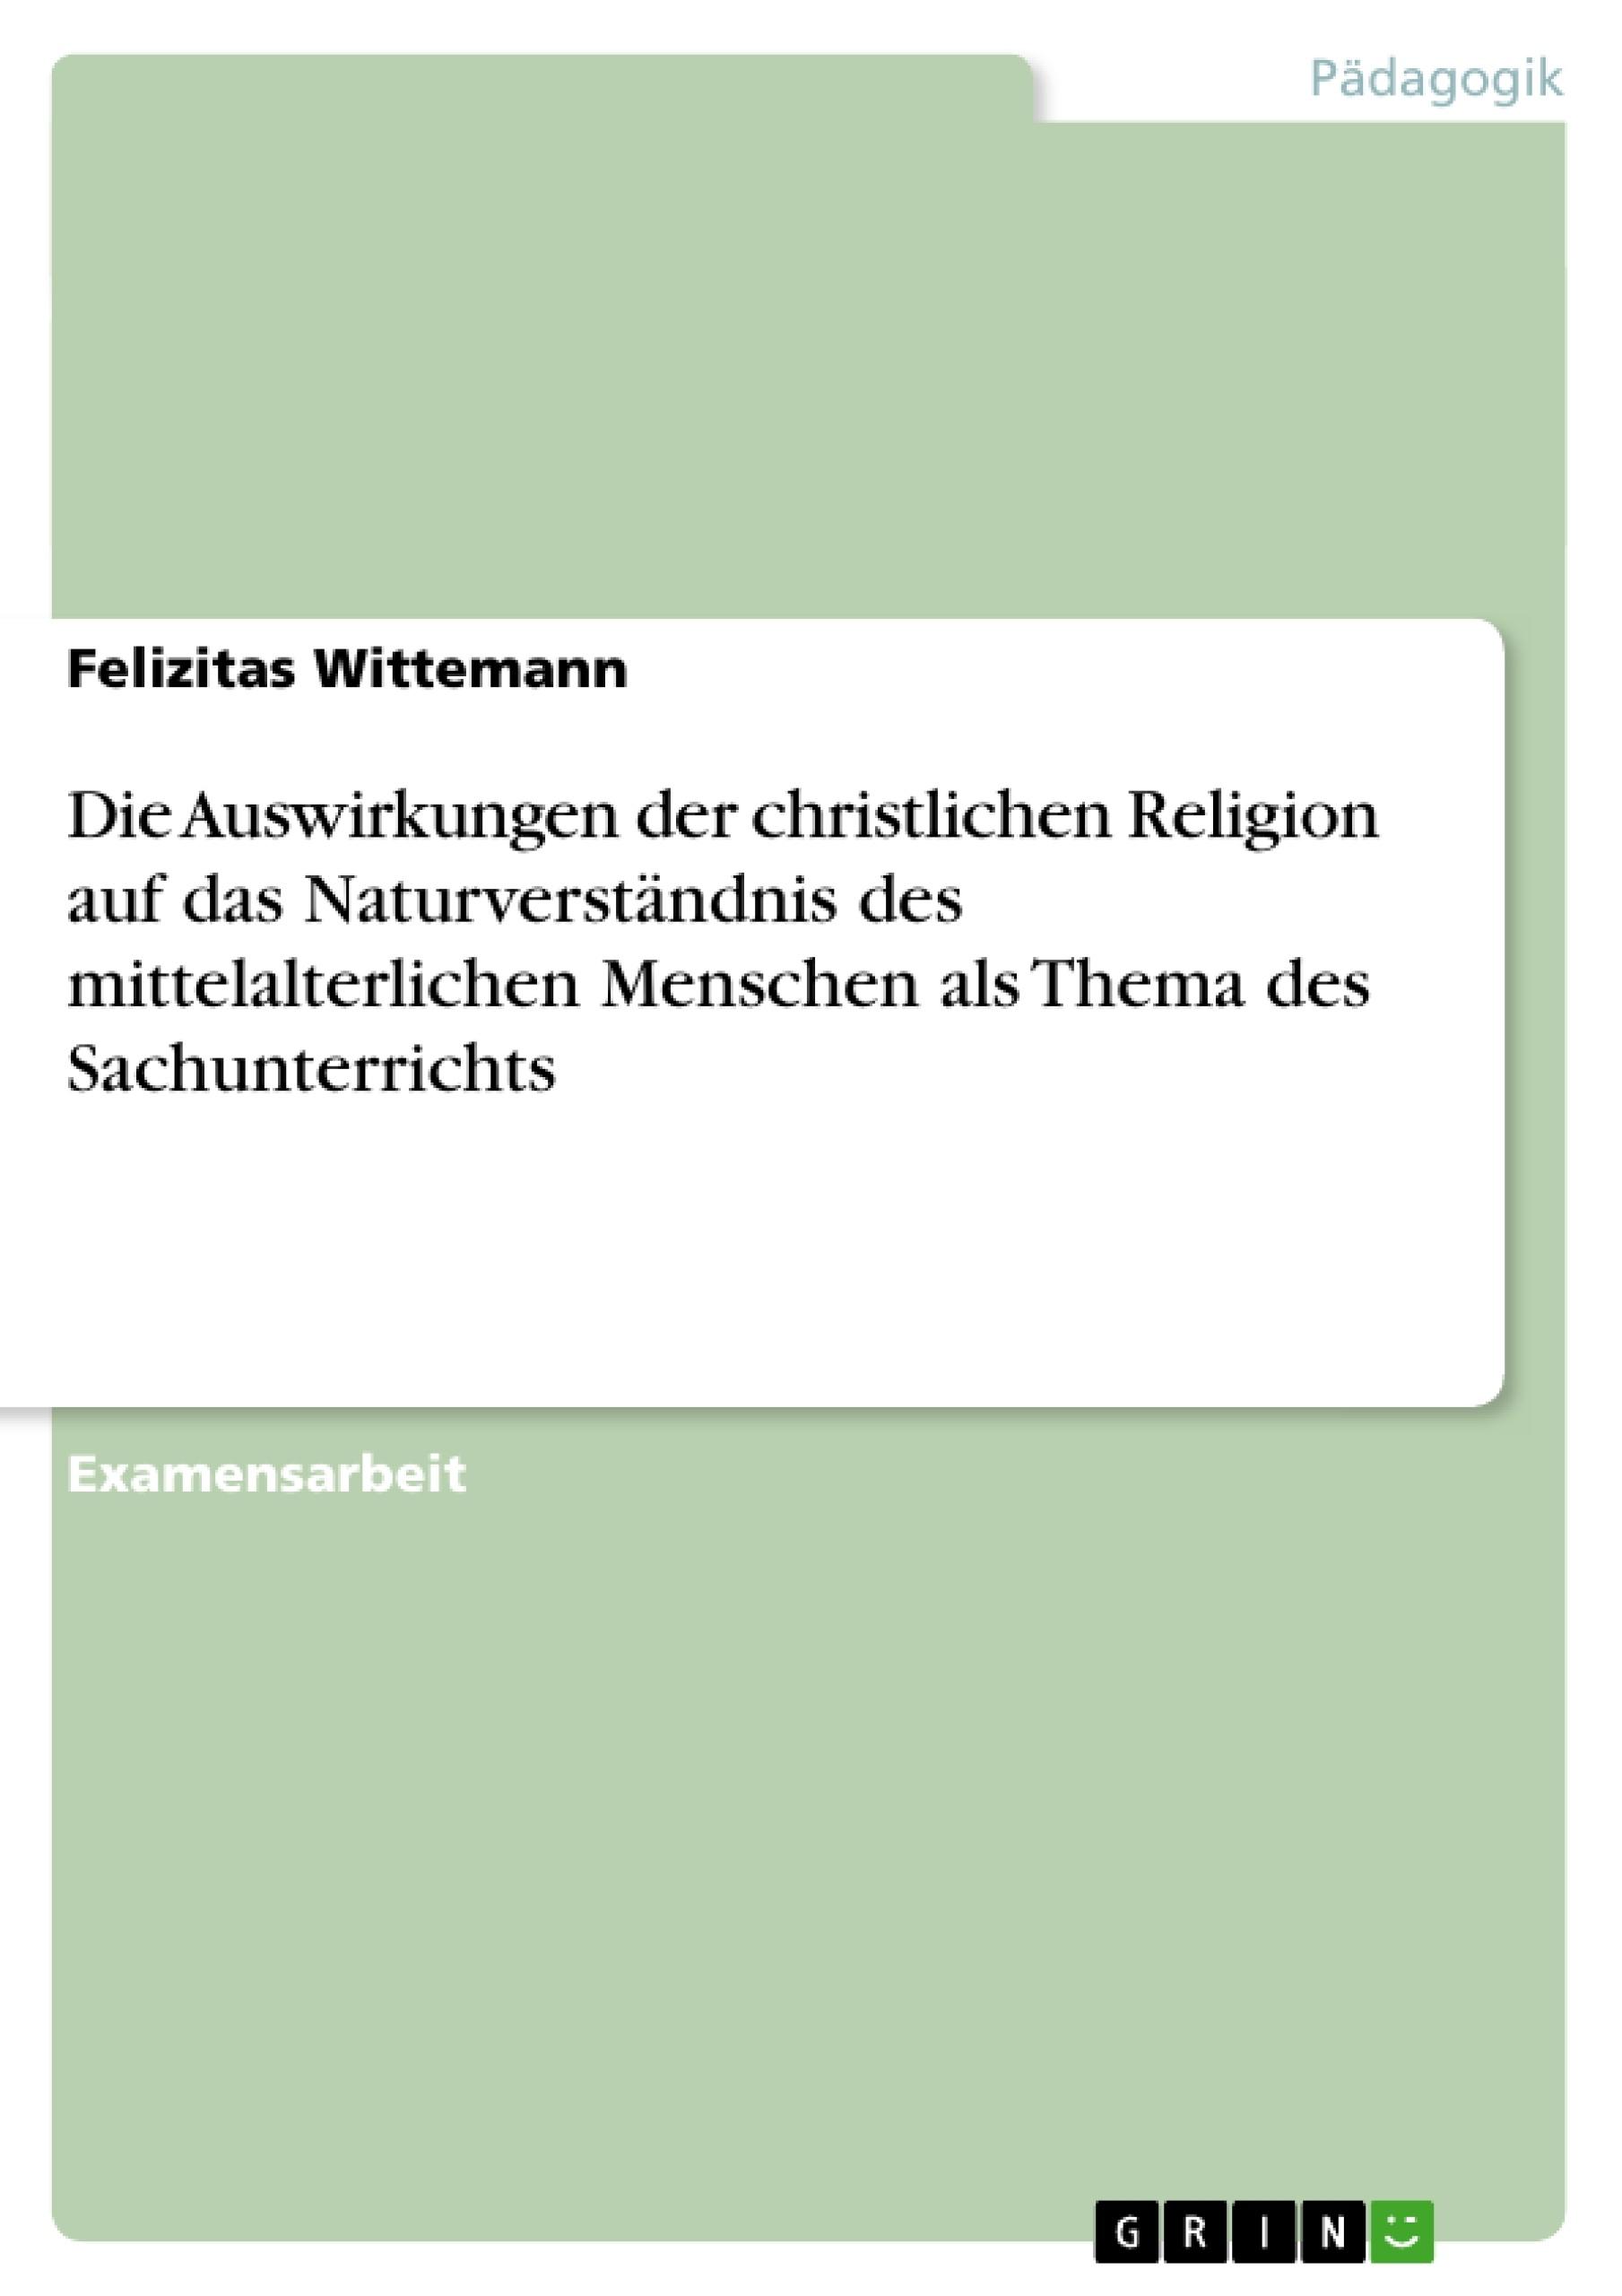 Titel: Die Auswirkungen der christlichen Religion auf das Naturverständnis des mittelalterlichen Menschen als Thema des Sachunterrichts